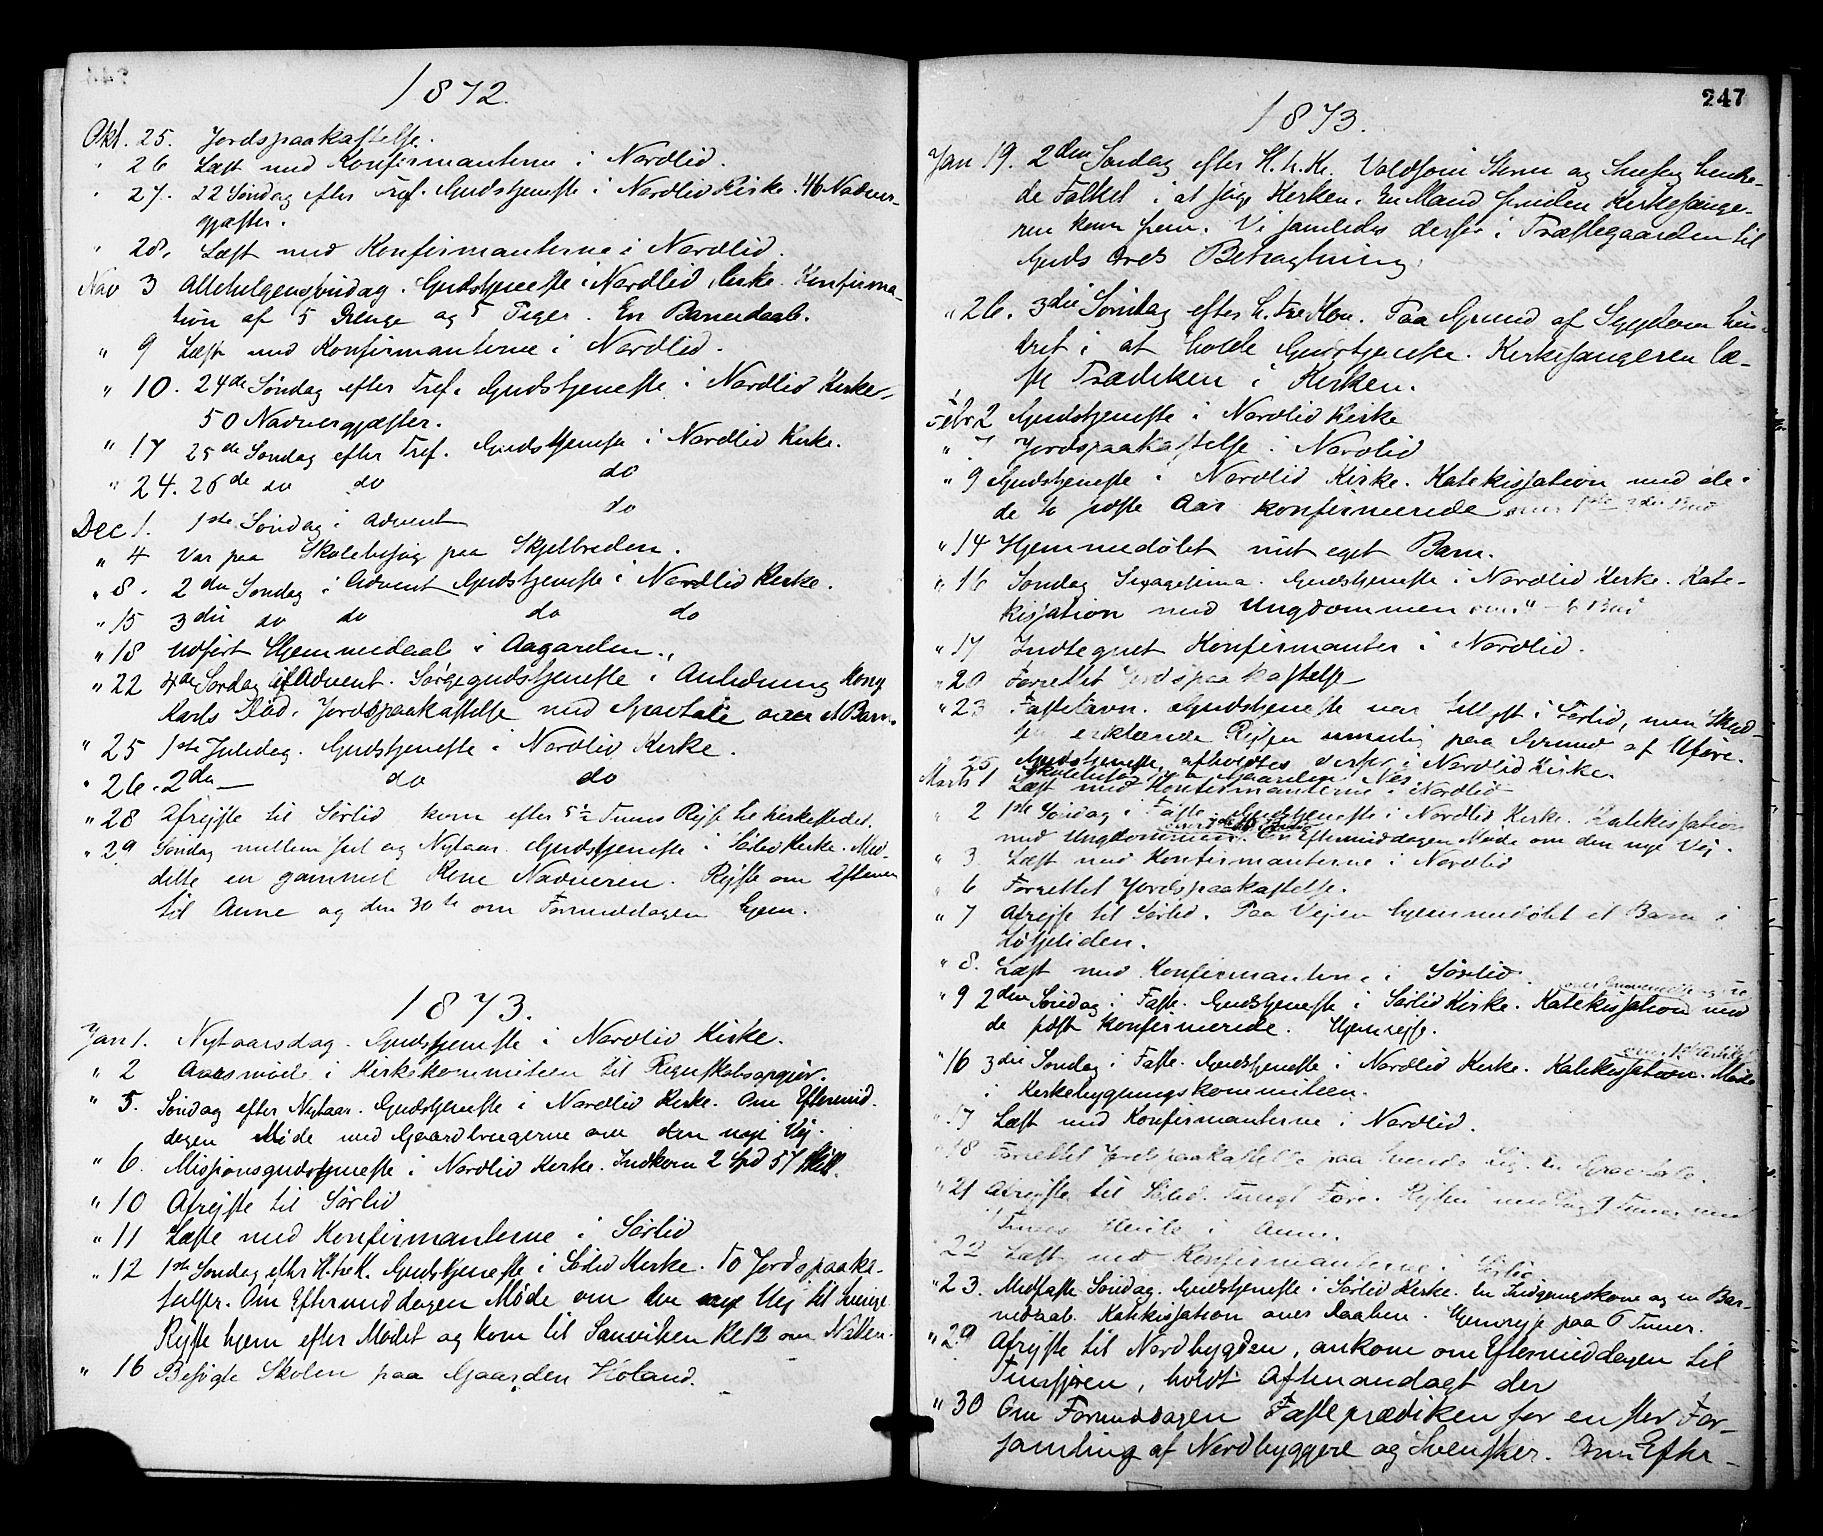 SAT, Ministerialprotokoller, klokkerbøker og fødselsregistre - Nord-Trøndelag, 755/L0493: Ministerialbok nr. 755A02, 1865-1881, s. 247